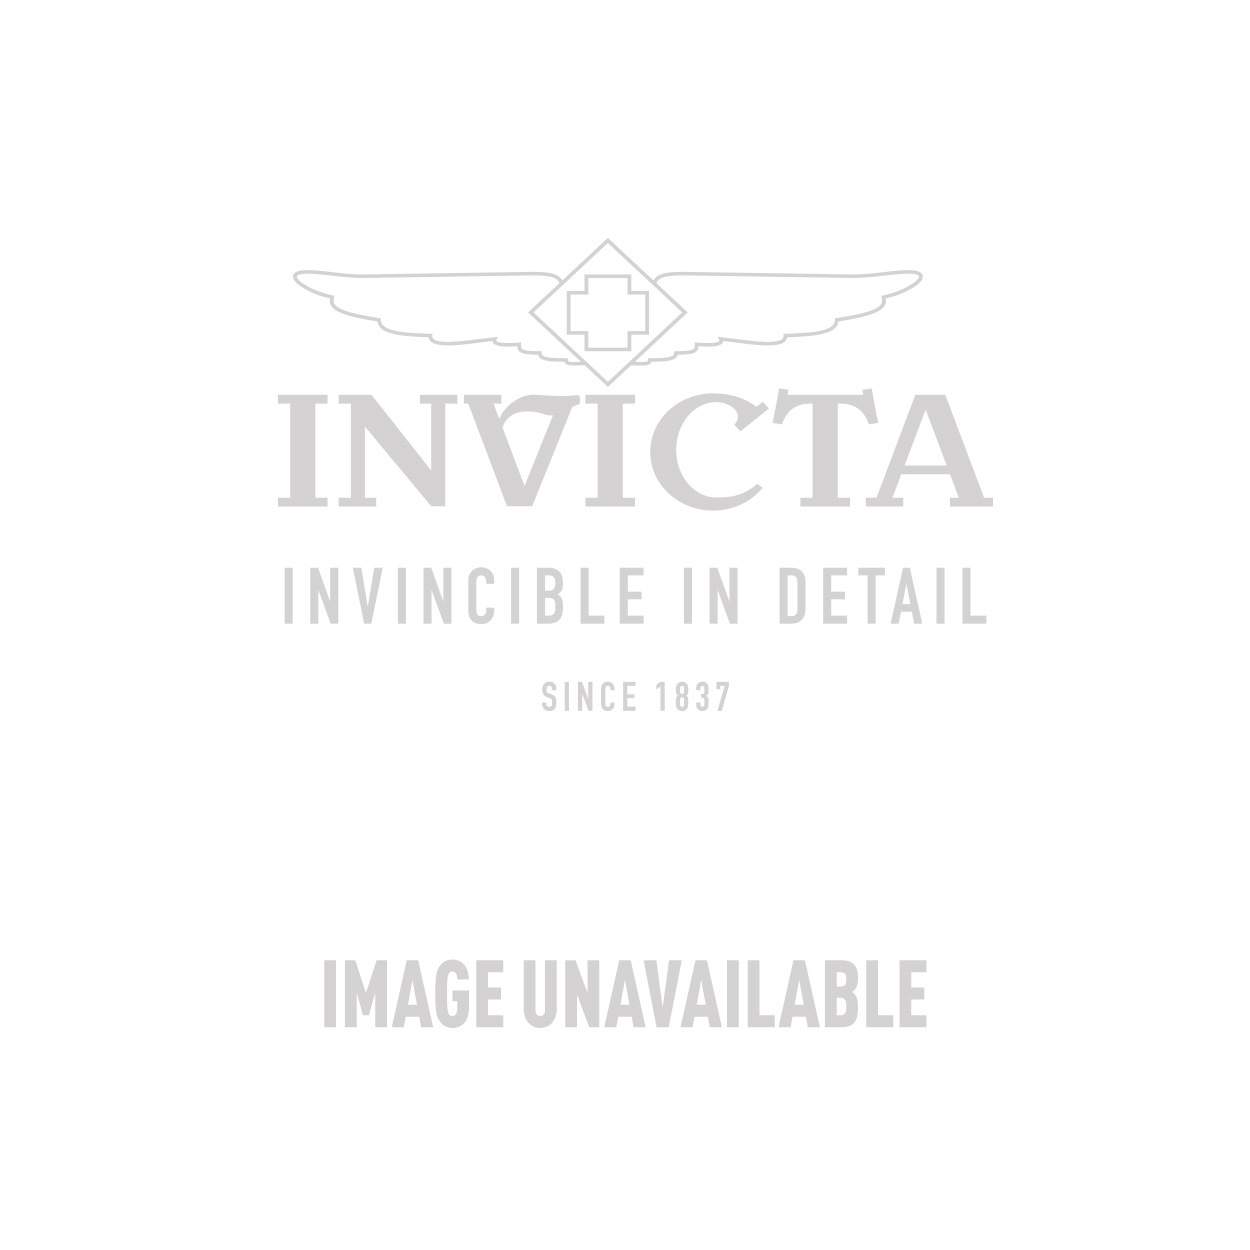 Invicta Model 24968